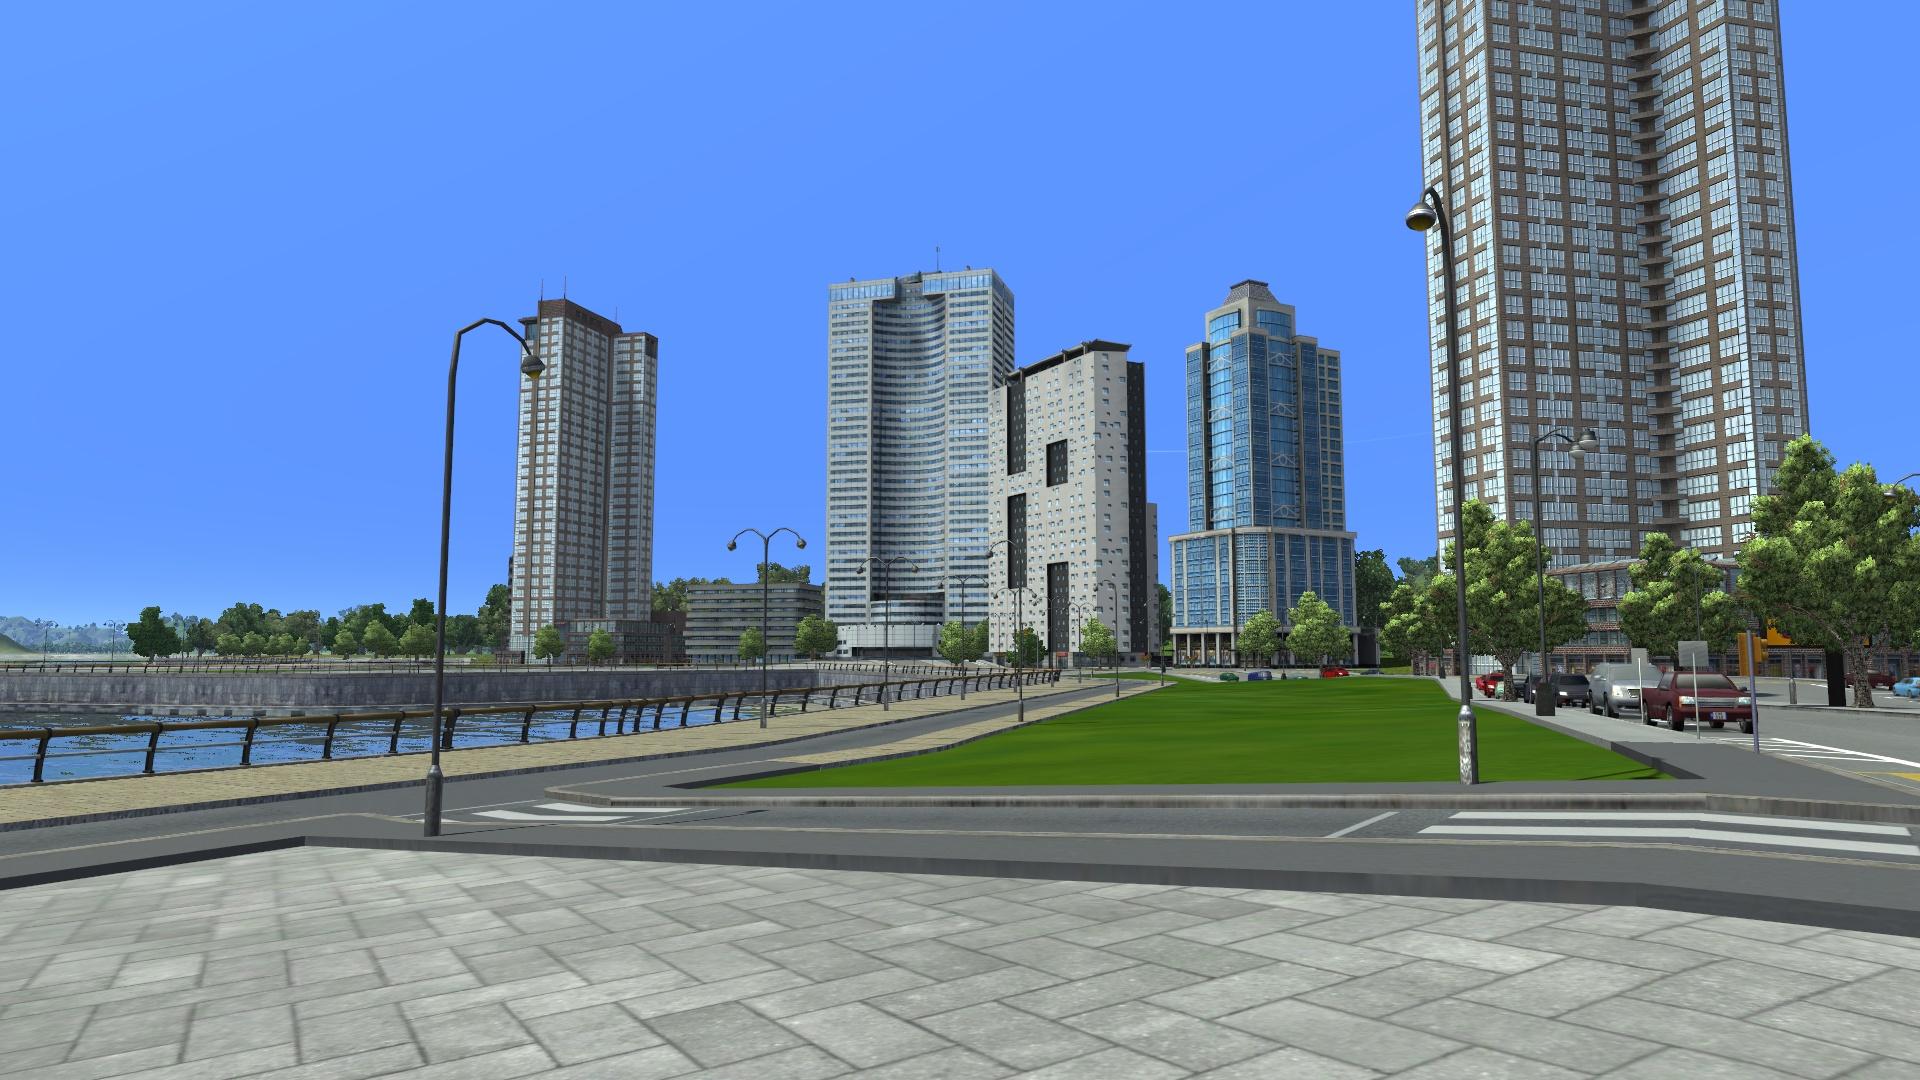 cxl_screenshot_harbour town_4.jpg